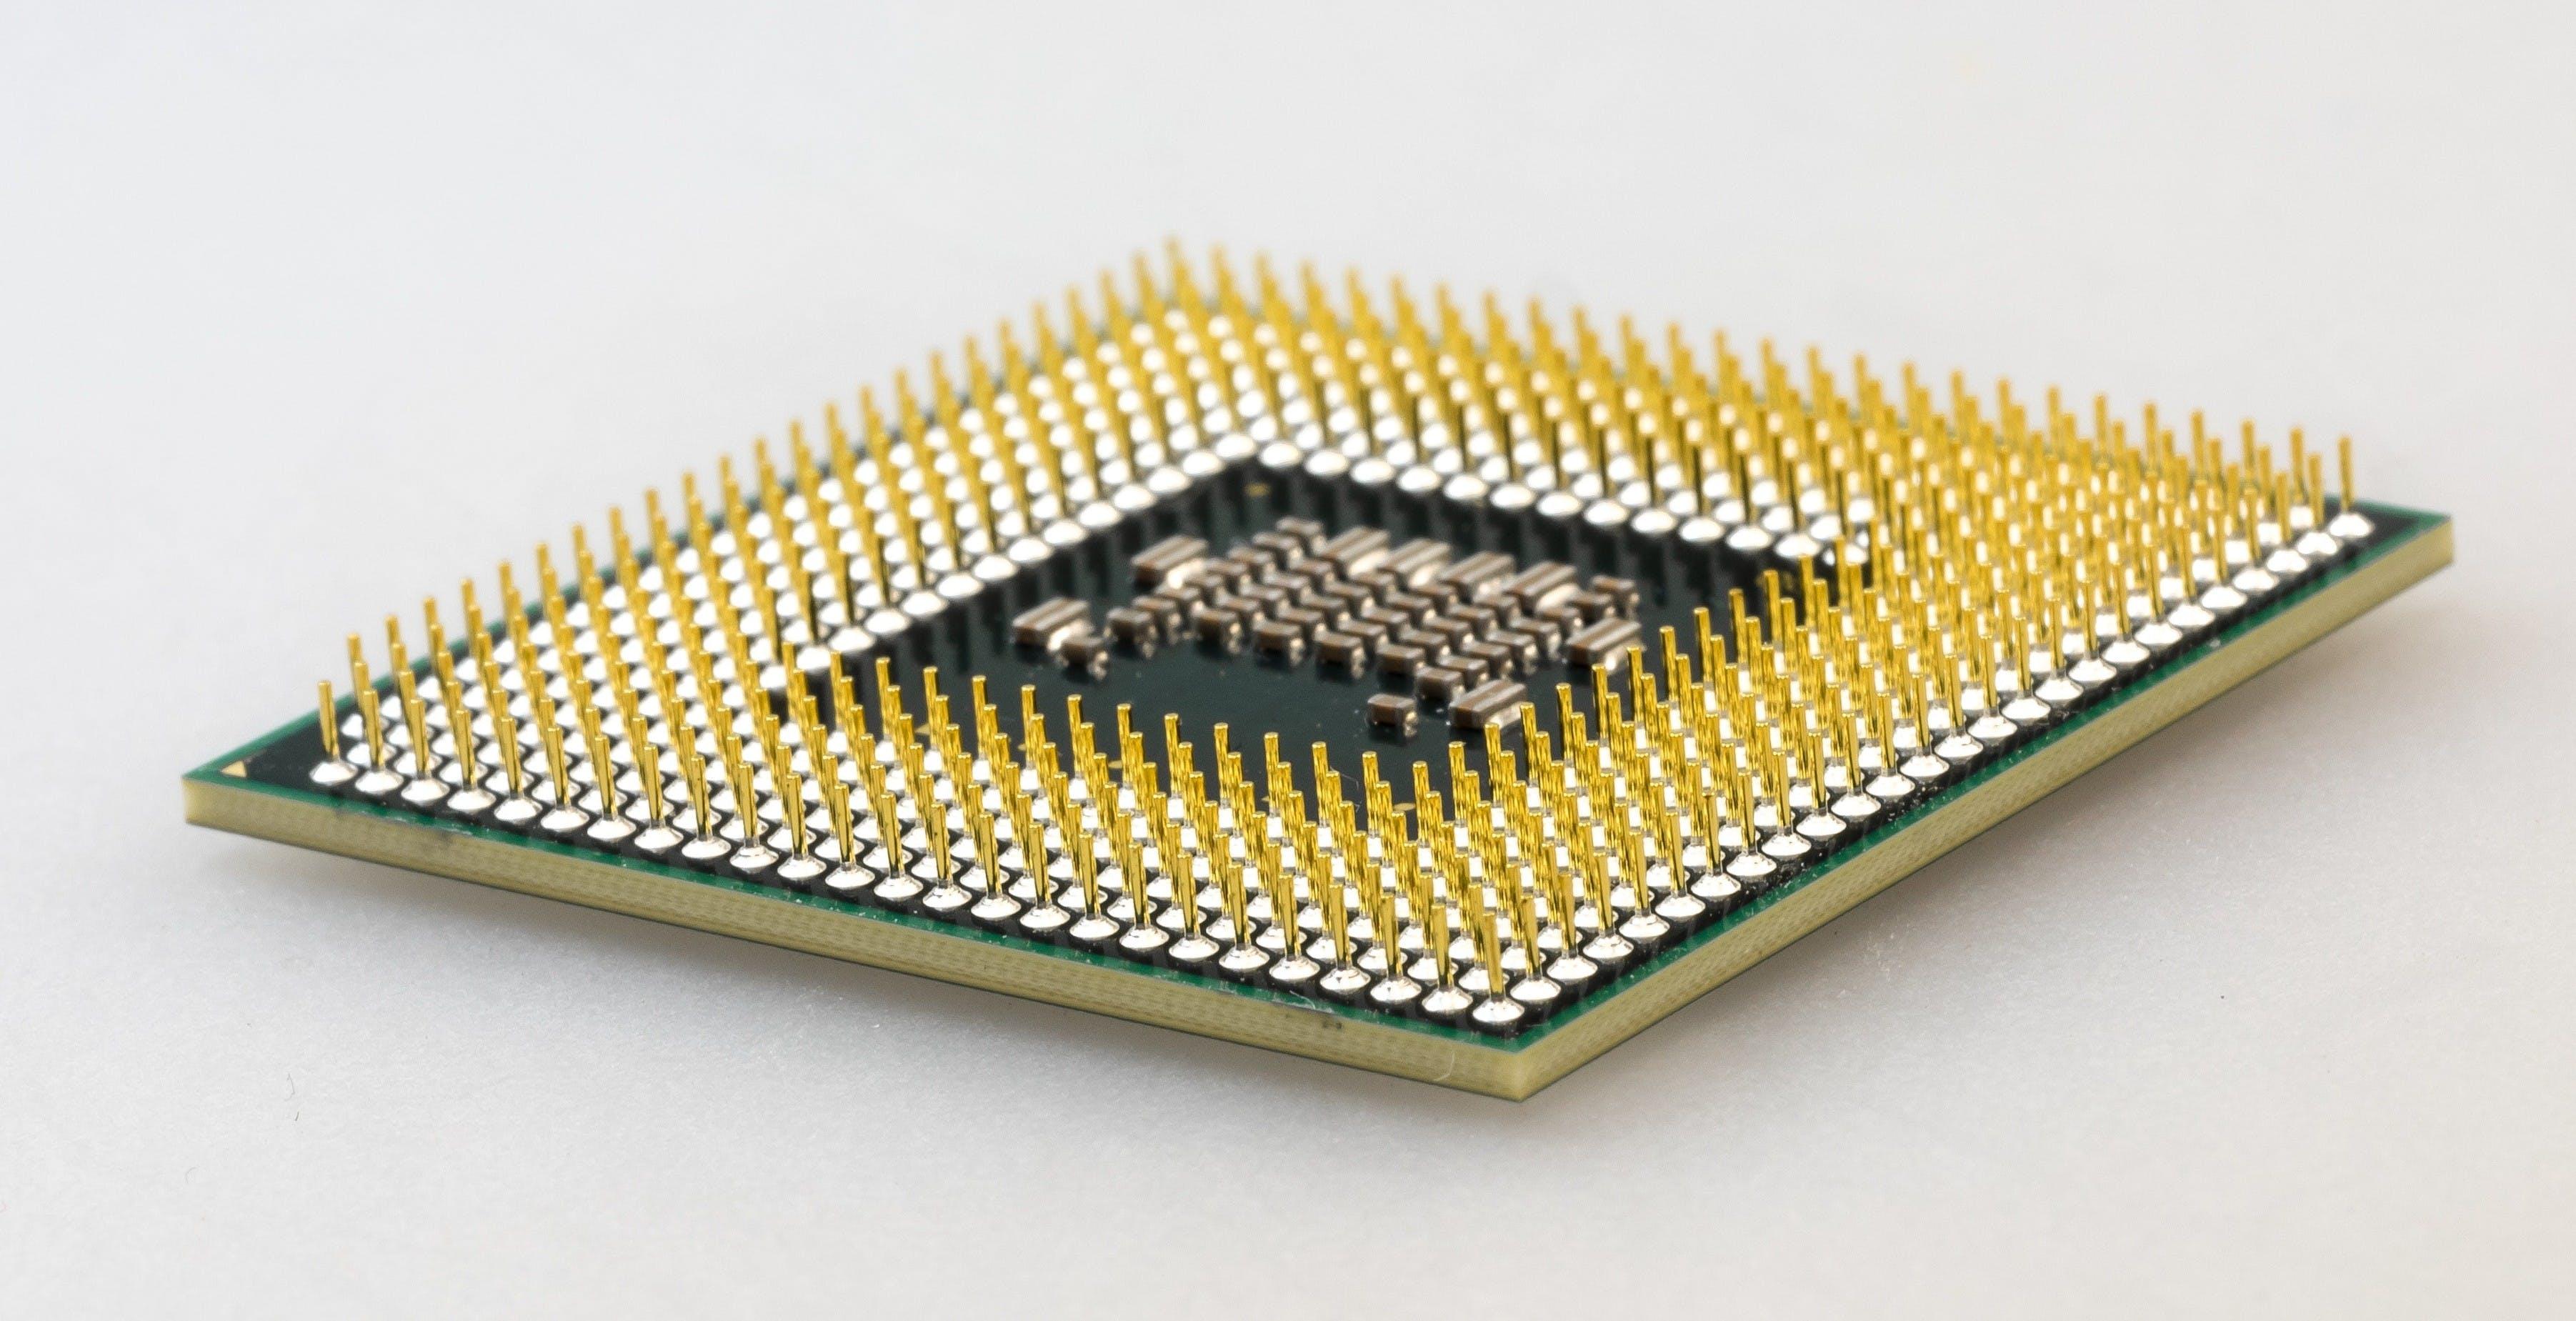 Google ha usato l'Intelligenza Artificiale per disegnare i suoi chip: ci ha messo solo sei ore